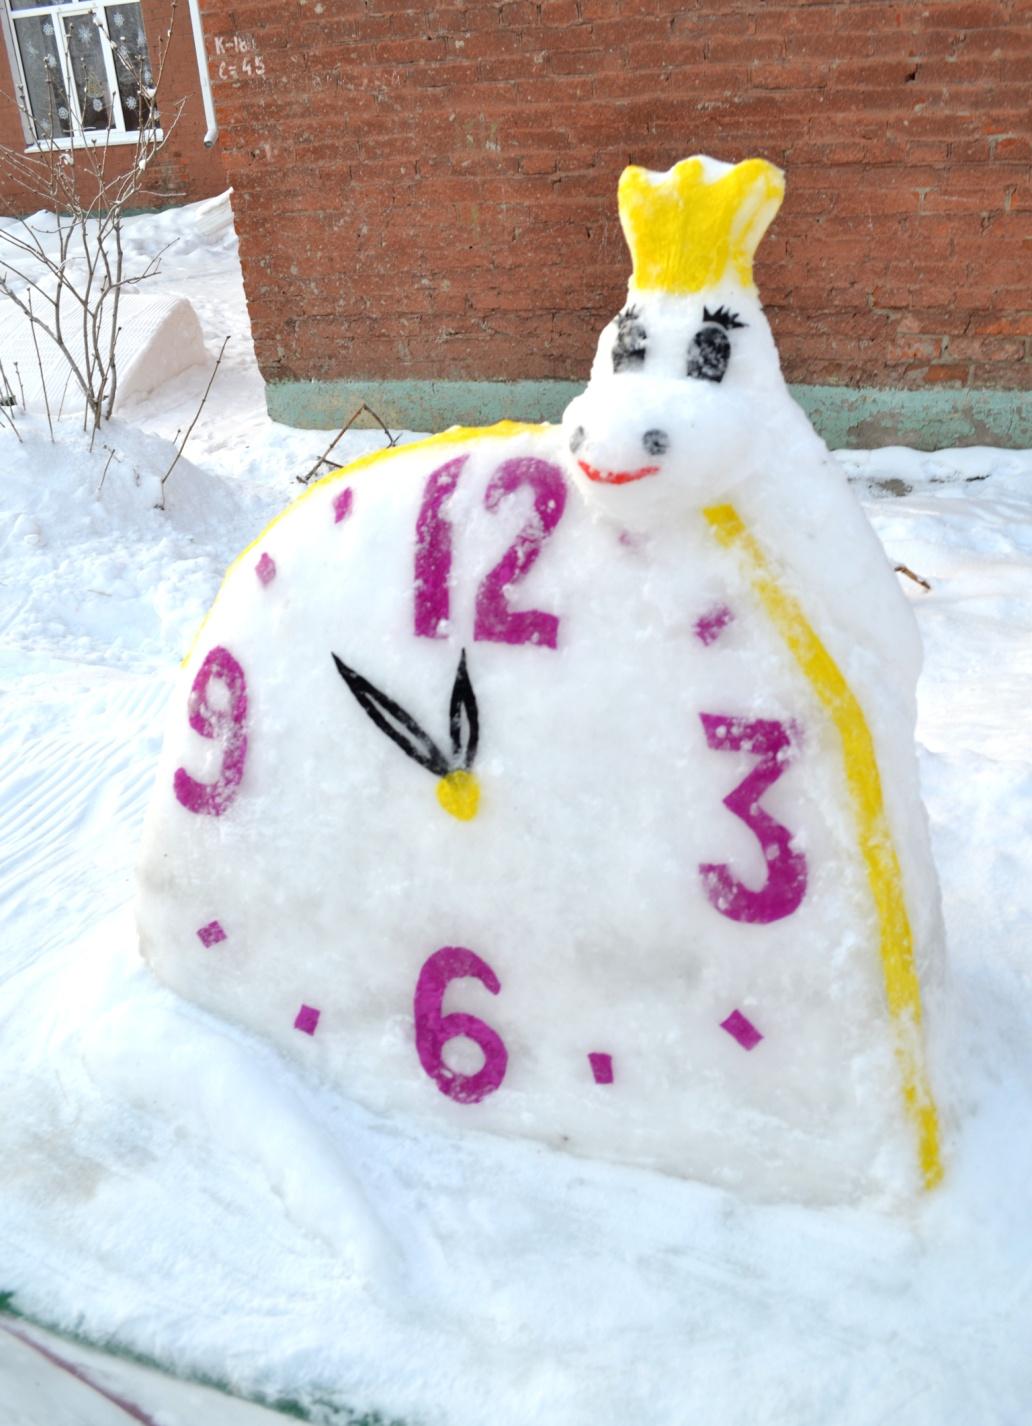 Сделать снежные фигуры свои руками